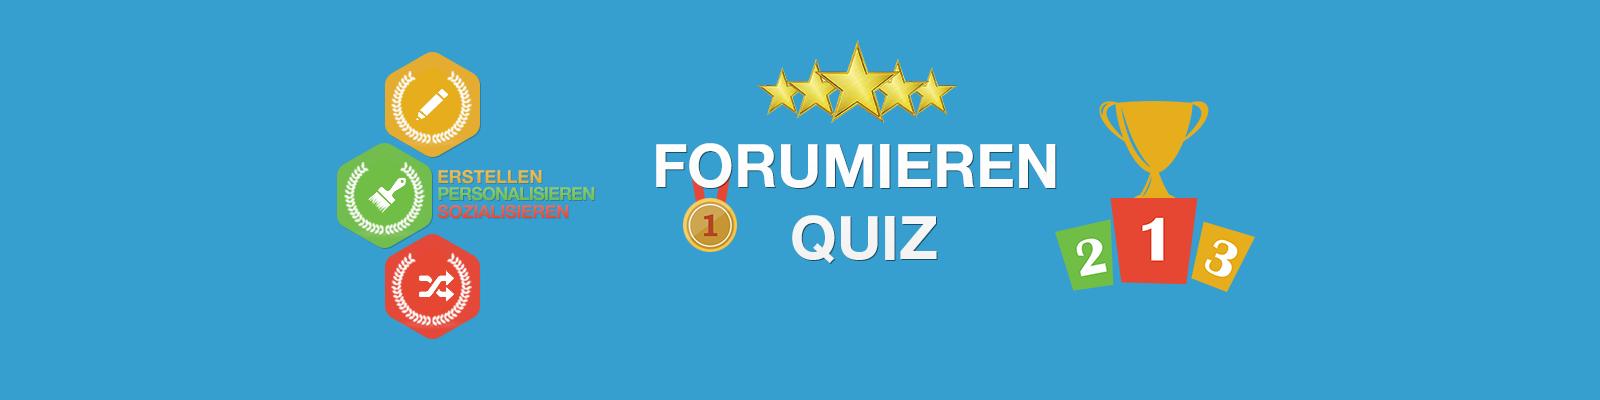 Das Forumieren Support-Forum - Portal Forumi12